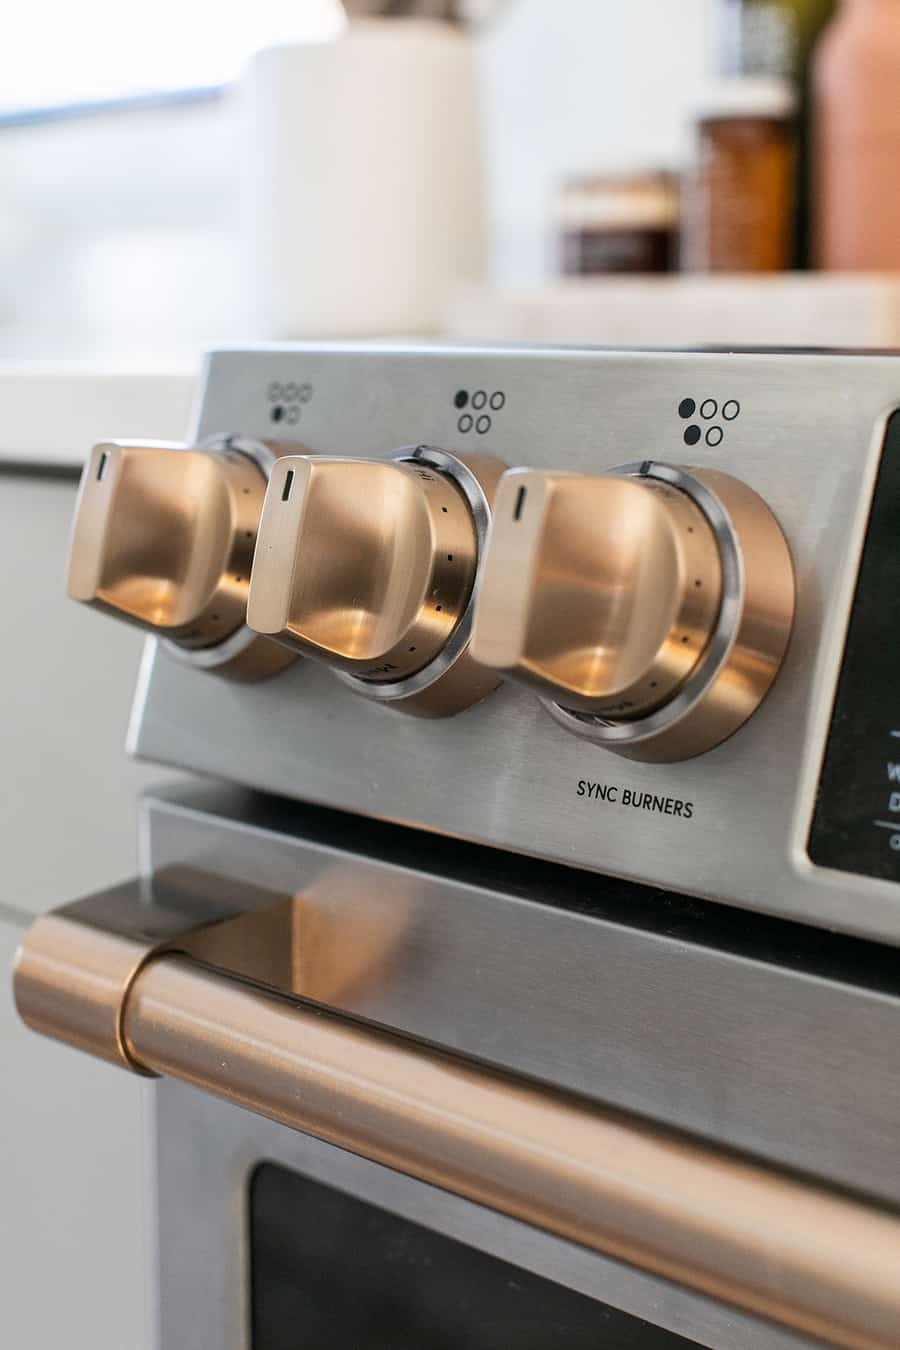 brush bronze handles on stainless steel range